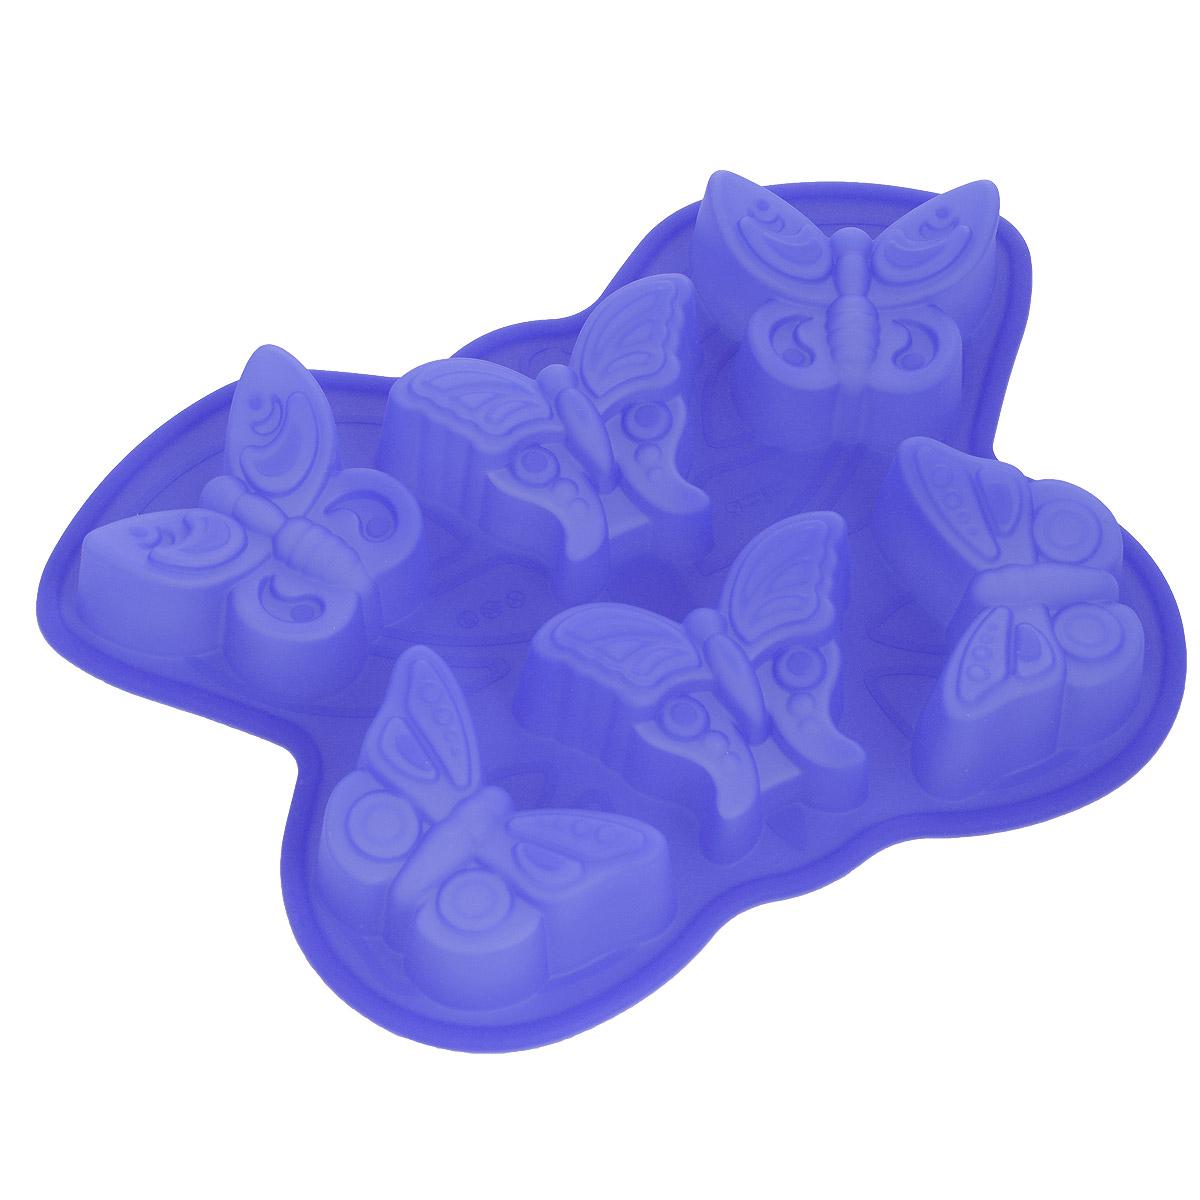 Форма для выпечки Bekker Бабочки, силиконовая, цвет: синий, 6 ячеек94672Форма для выпечки Bekker Бабочки изготовлена из силикона. Силиконовые формы для выпечки имеют много преимуществ по сравнению с традиционными металлическими формами и противнями. Они идеально подходят для использования в микроволновых, газовых и электрических печах при температурах до +250°С. В случае заморозки до -50°С. Можно мыть в посудомоечной машине. За счет высокой теплопроводности силикона изделия выпекаются заметно быстрее. Благодаря гибкости и антиприлипающим свойствам силикона, готовое изделие легко извлекается из формы. Для этого достаточно отогнуть края и вывернуть форму (выпечке дайте немного остыть, а замороженный продукт лучше вынимать сразу). Силикон абсолютно безвреден для здоровья, не впитывает запахи, не оставляет пятен, легко моется. Форма для выпечки Bekker Бабочки - практичный и необходимый подарок любой хозяйке!